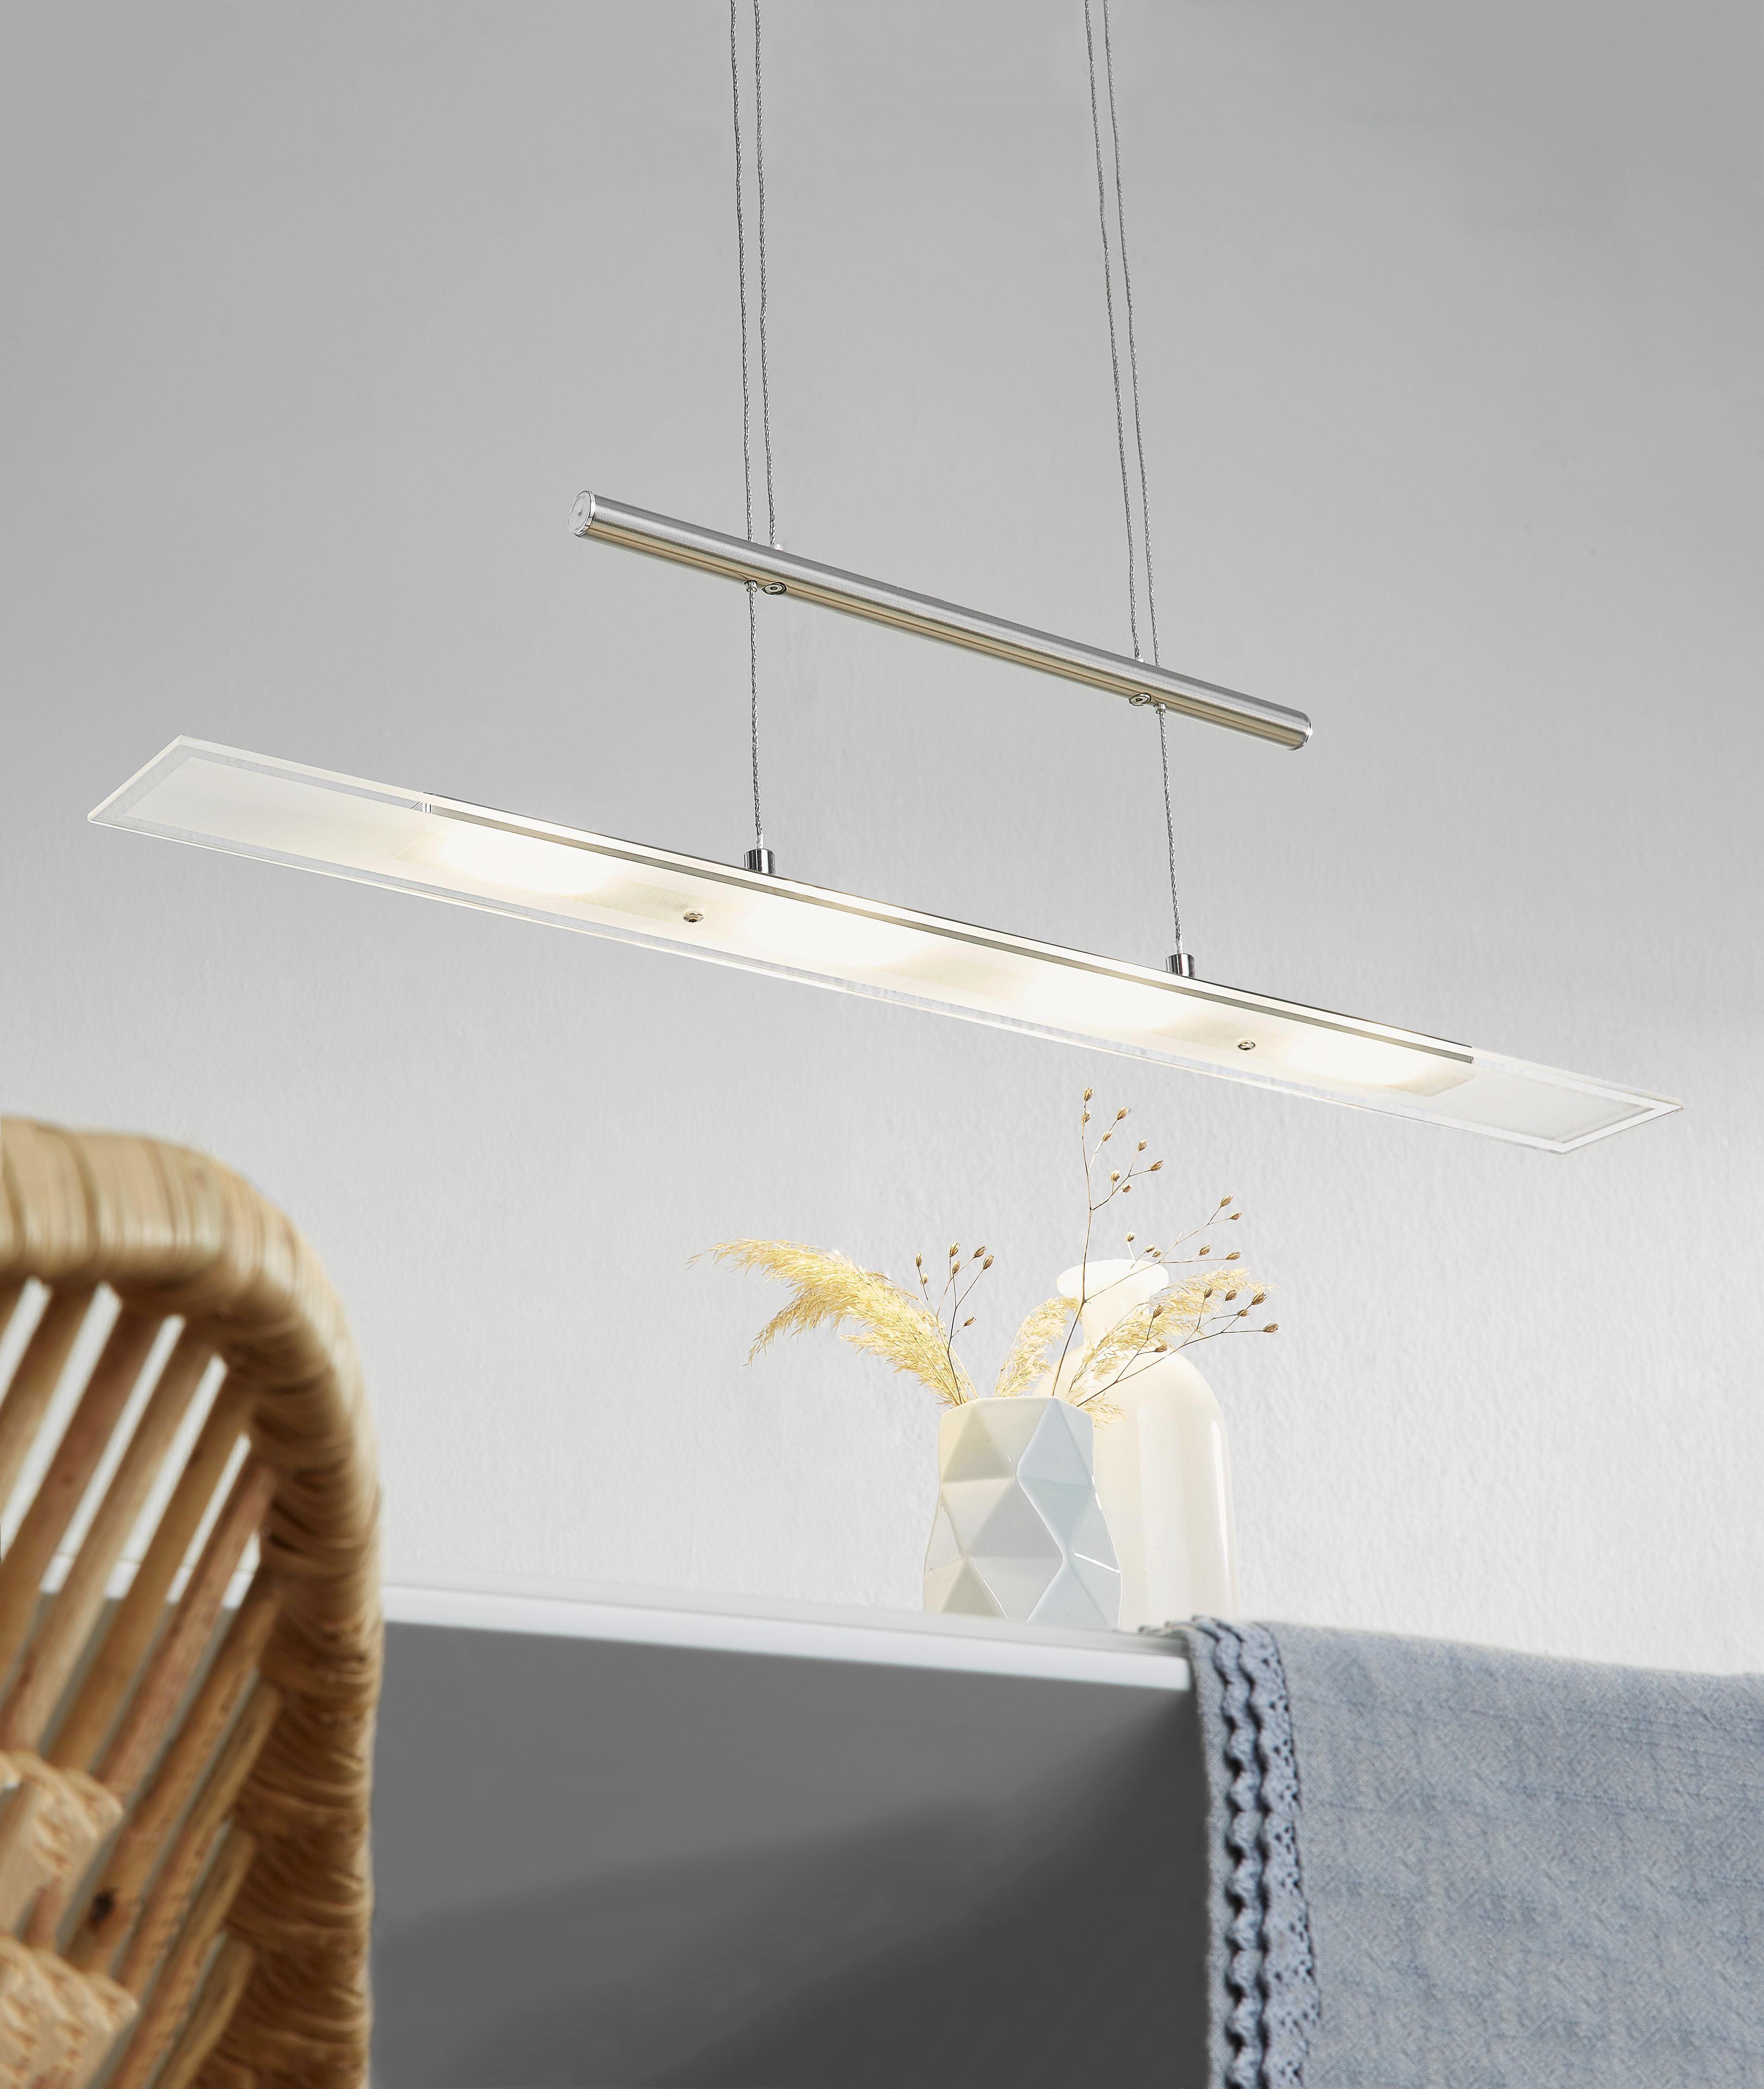 Lampe Kücheninsel: Lampen Kücheninsel